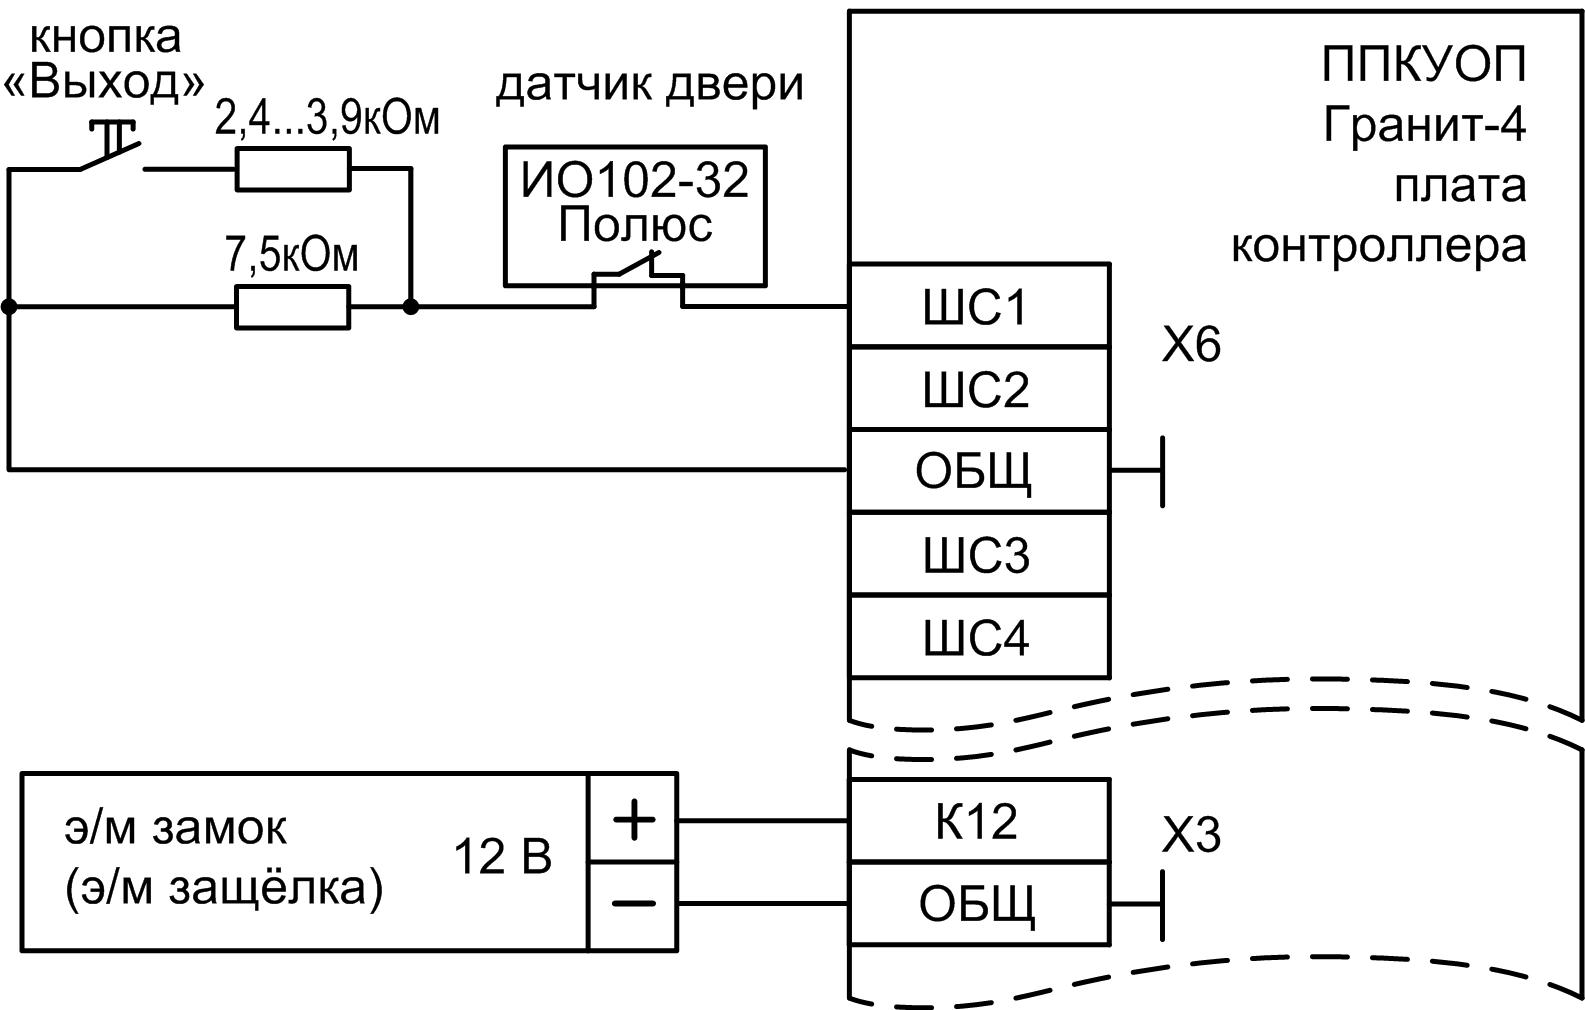 Как сделать детализацию звонков мтс через интернет фото 639